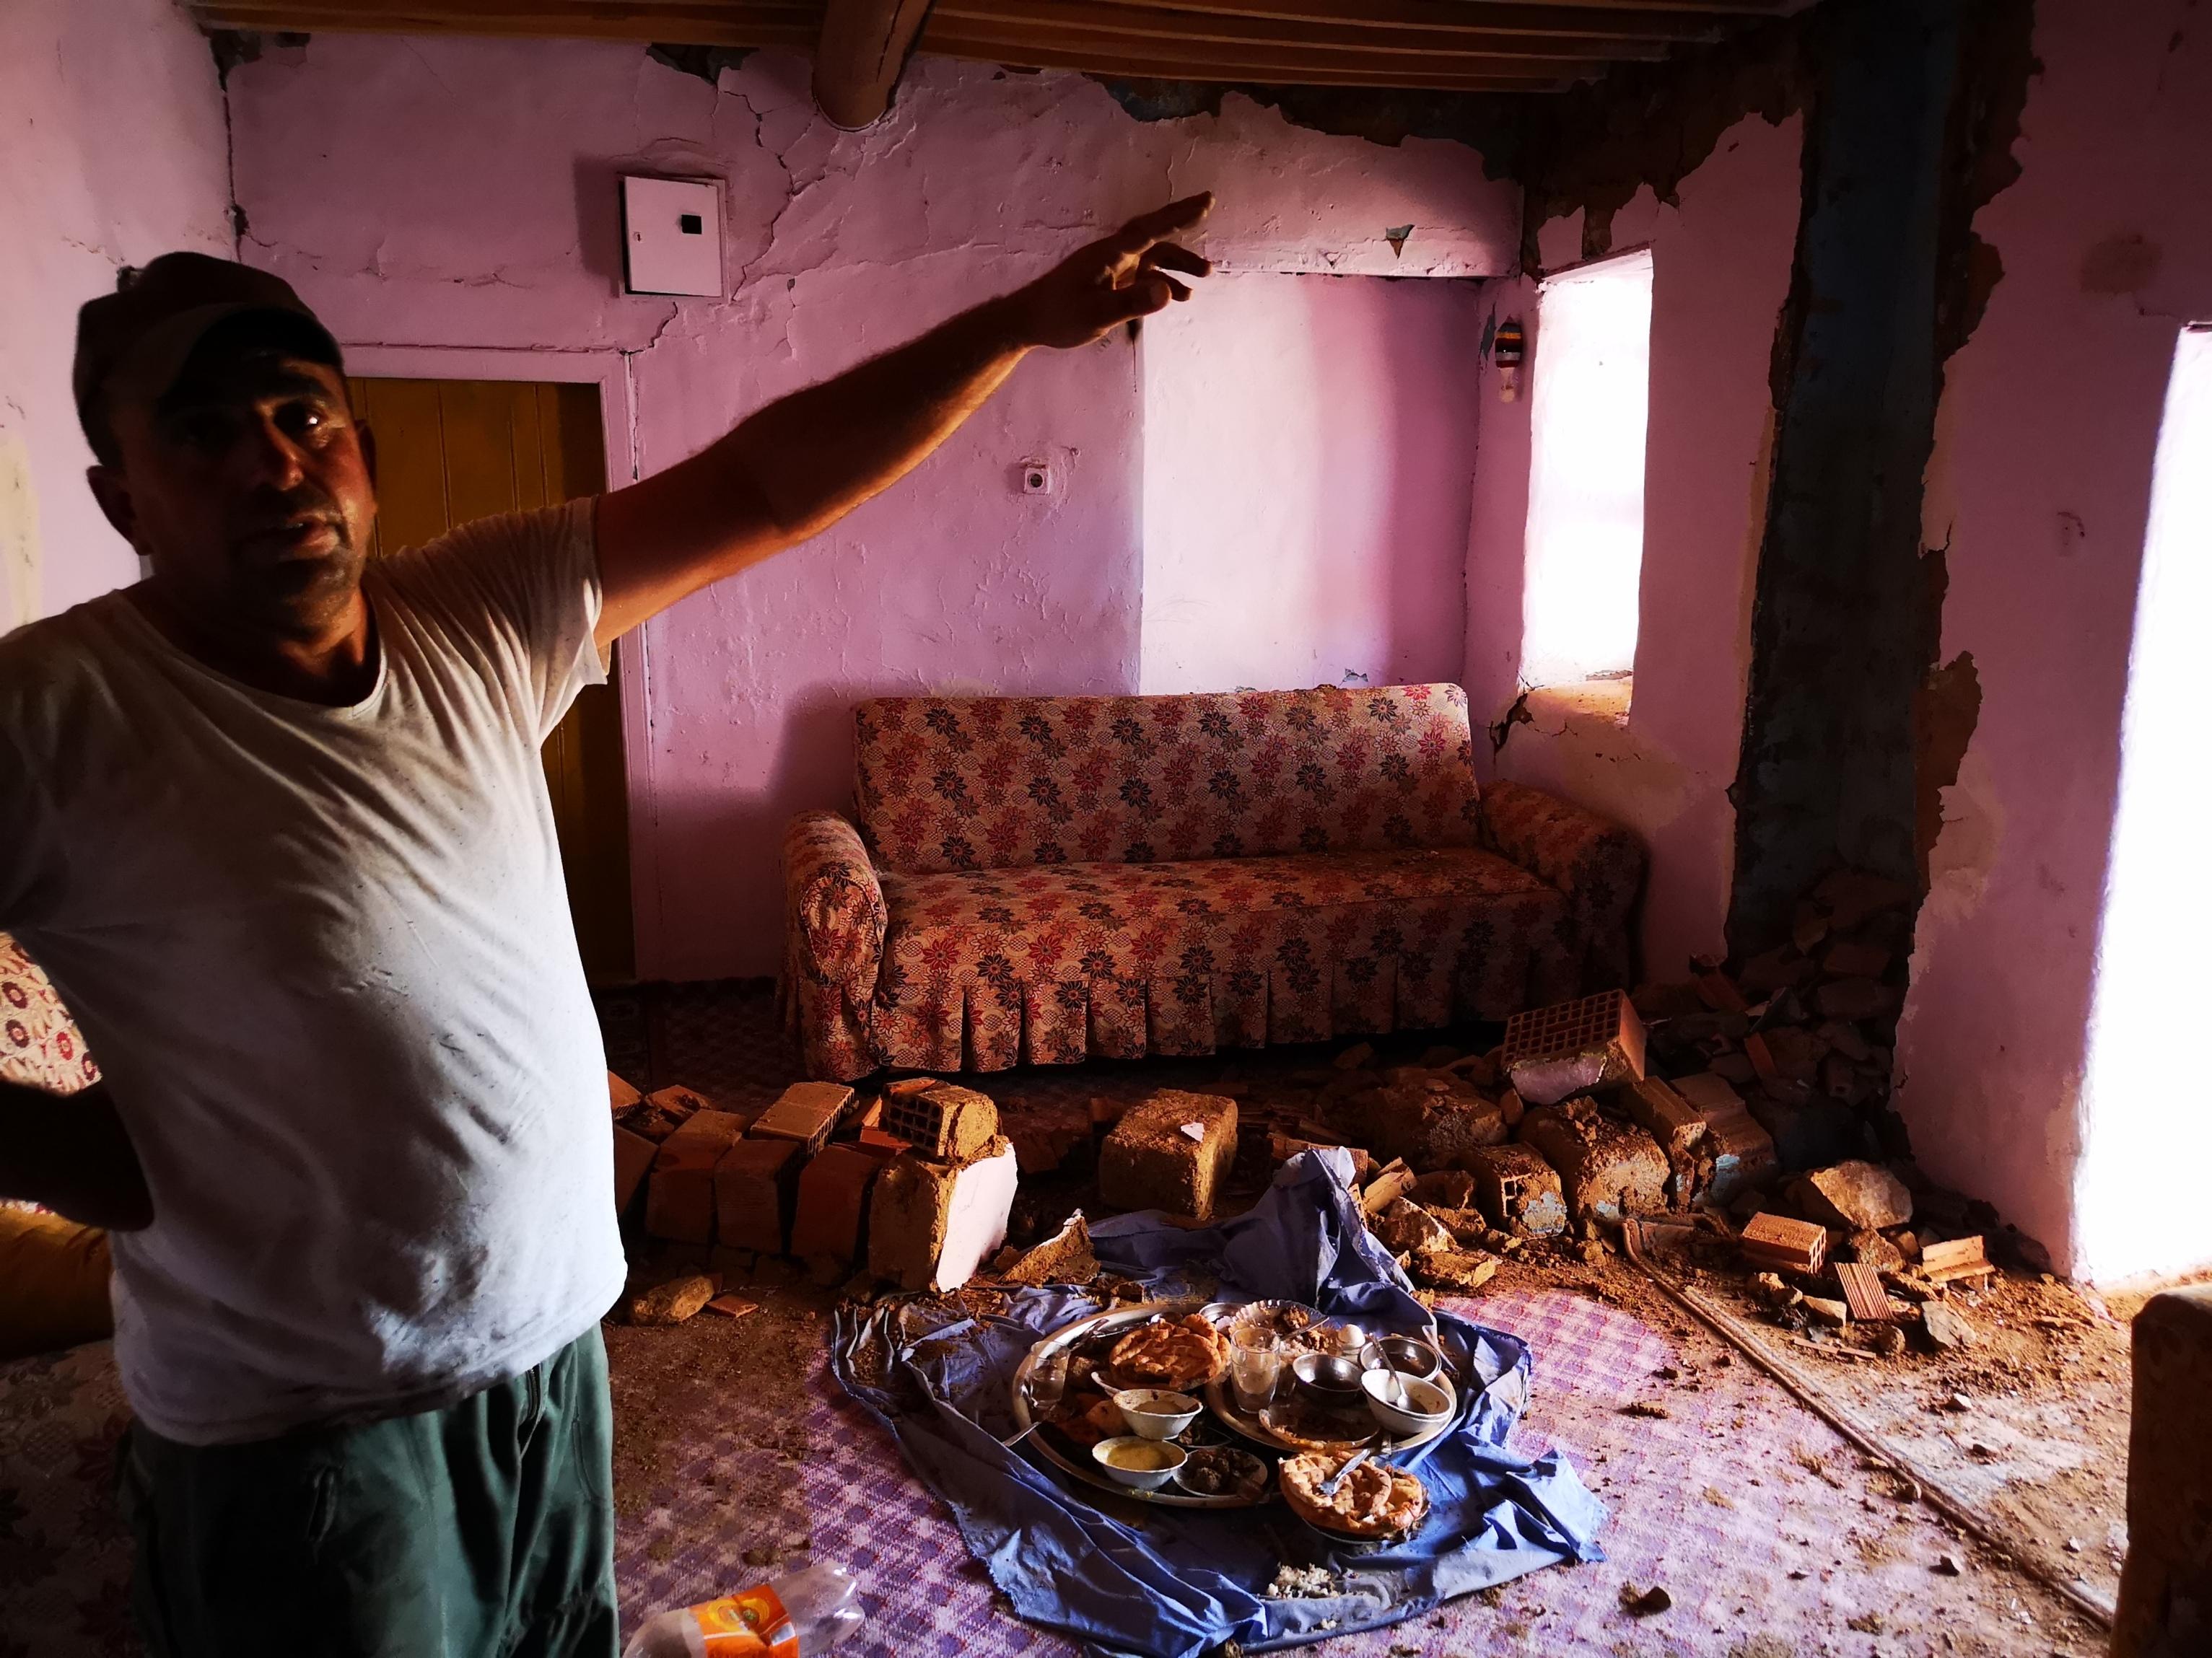 5-2lik-depremden-sonra-malatyada-derin-yariklar-olustu-6885-dhaphoto13.jpg